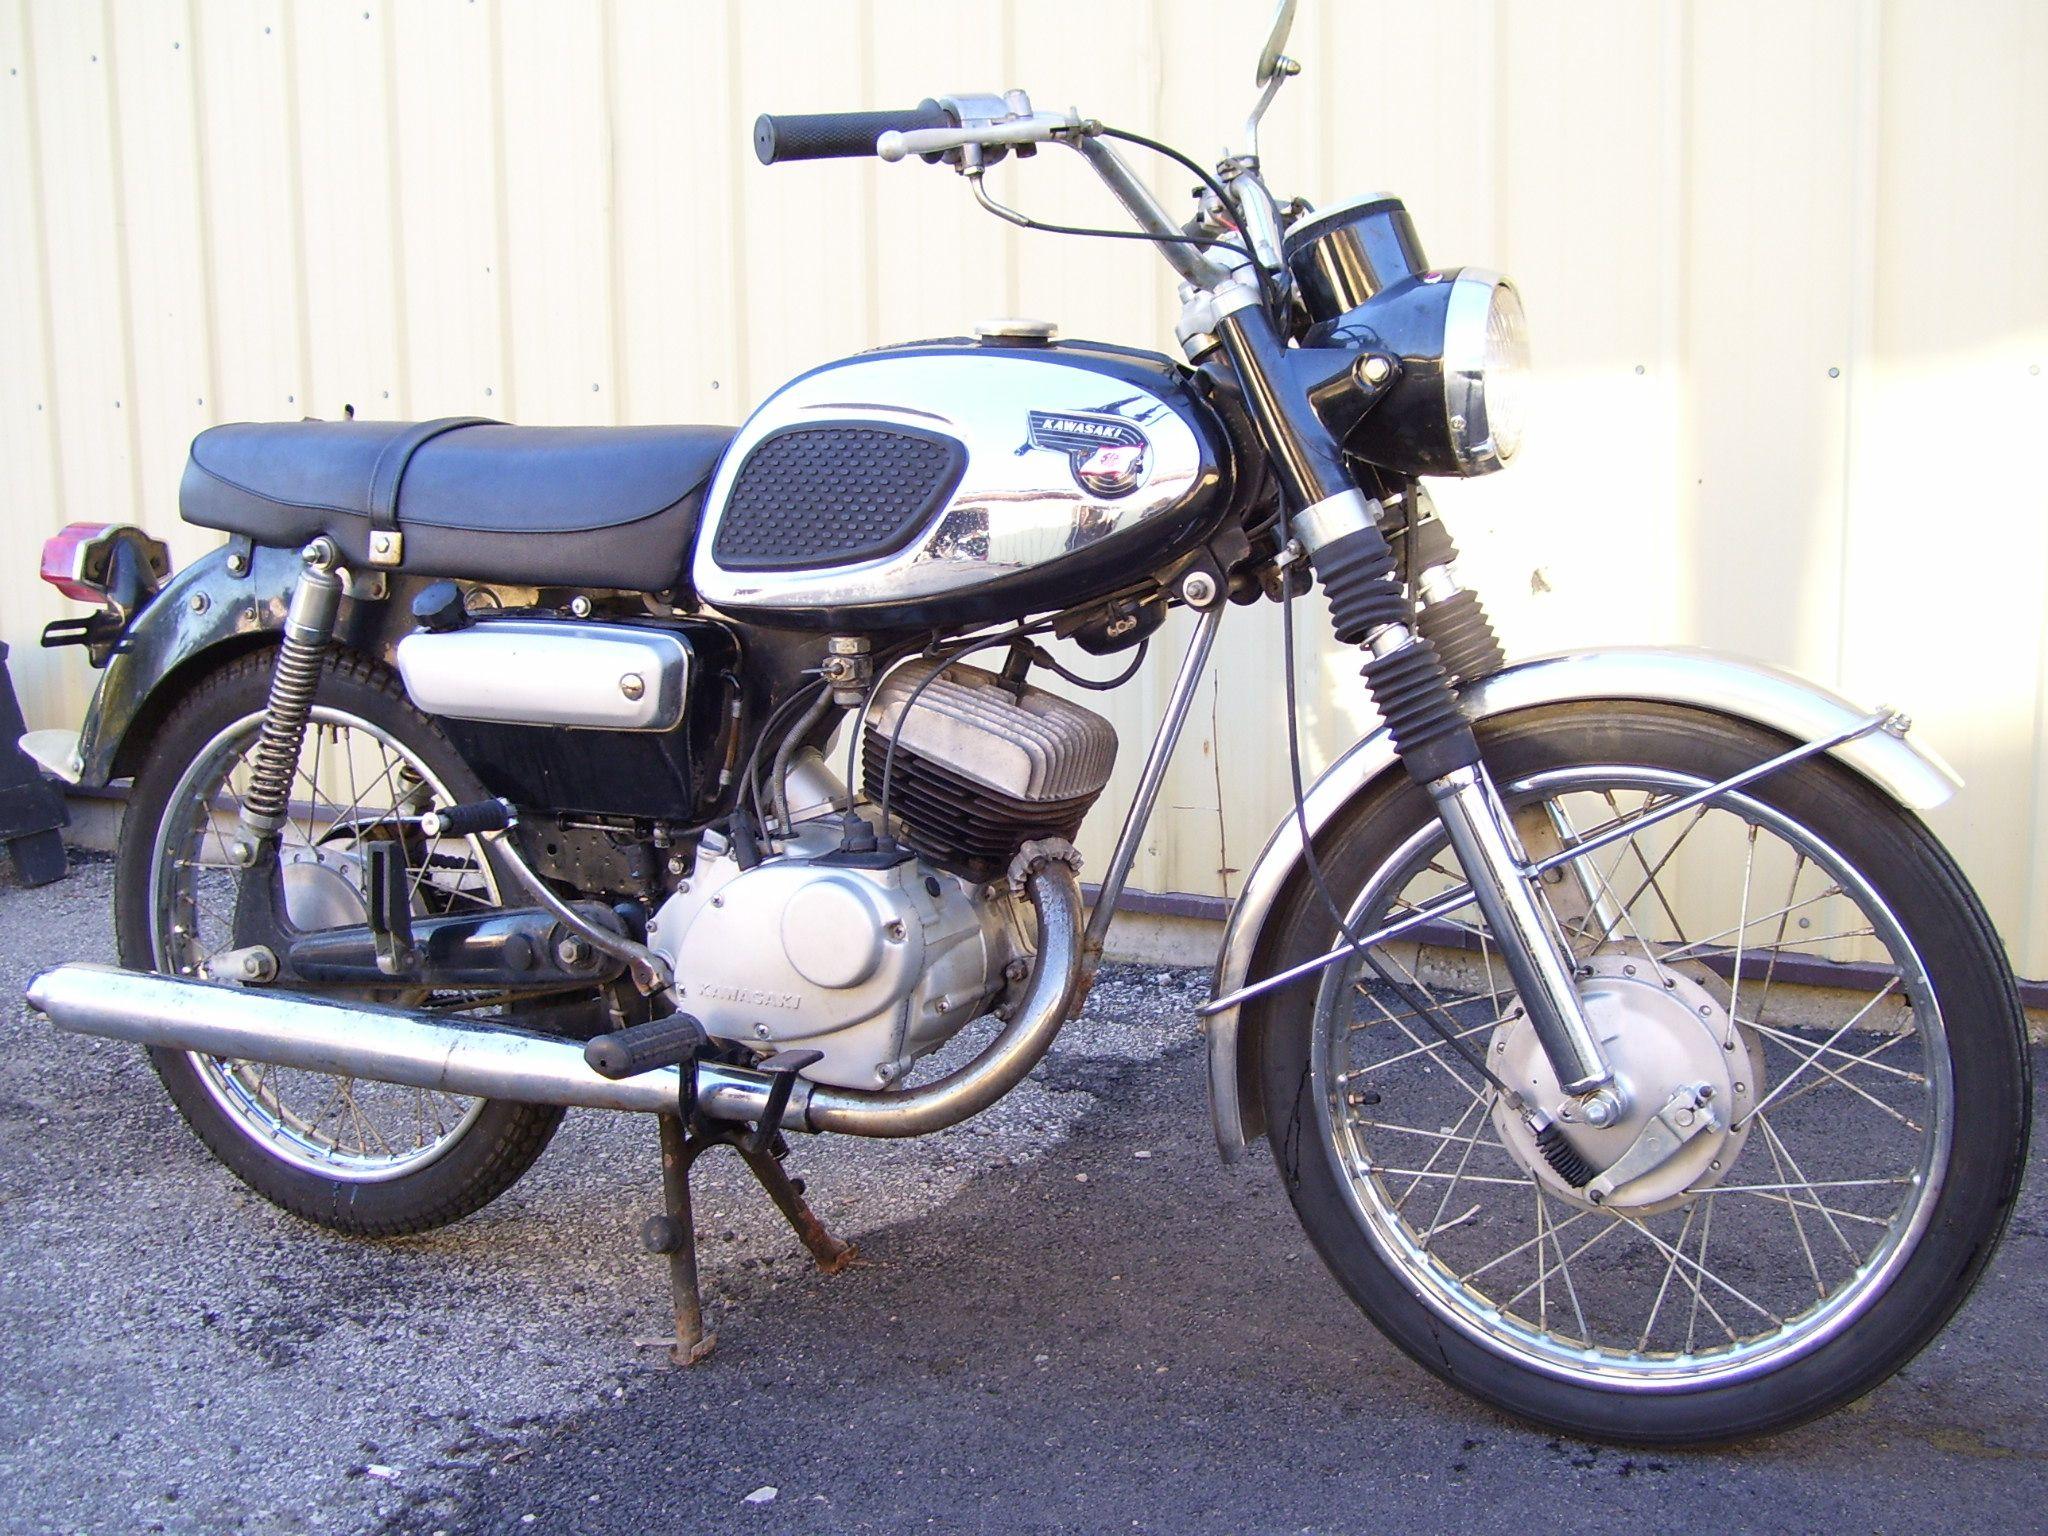 1968 Kawasaki F2 | Motorcycles | Motorcycle, Kawasaki classic